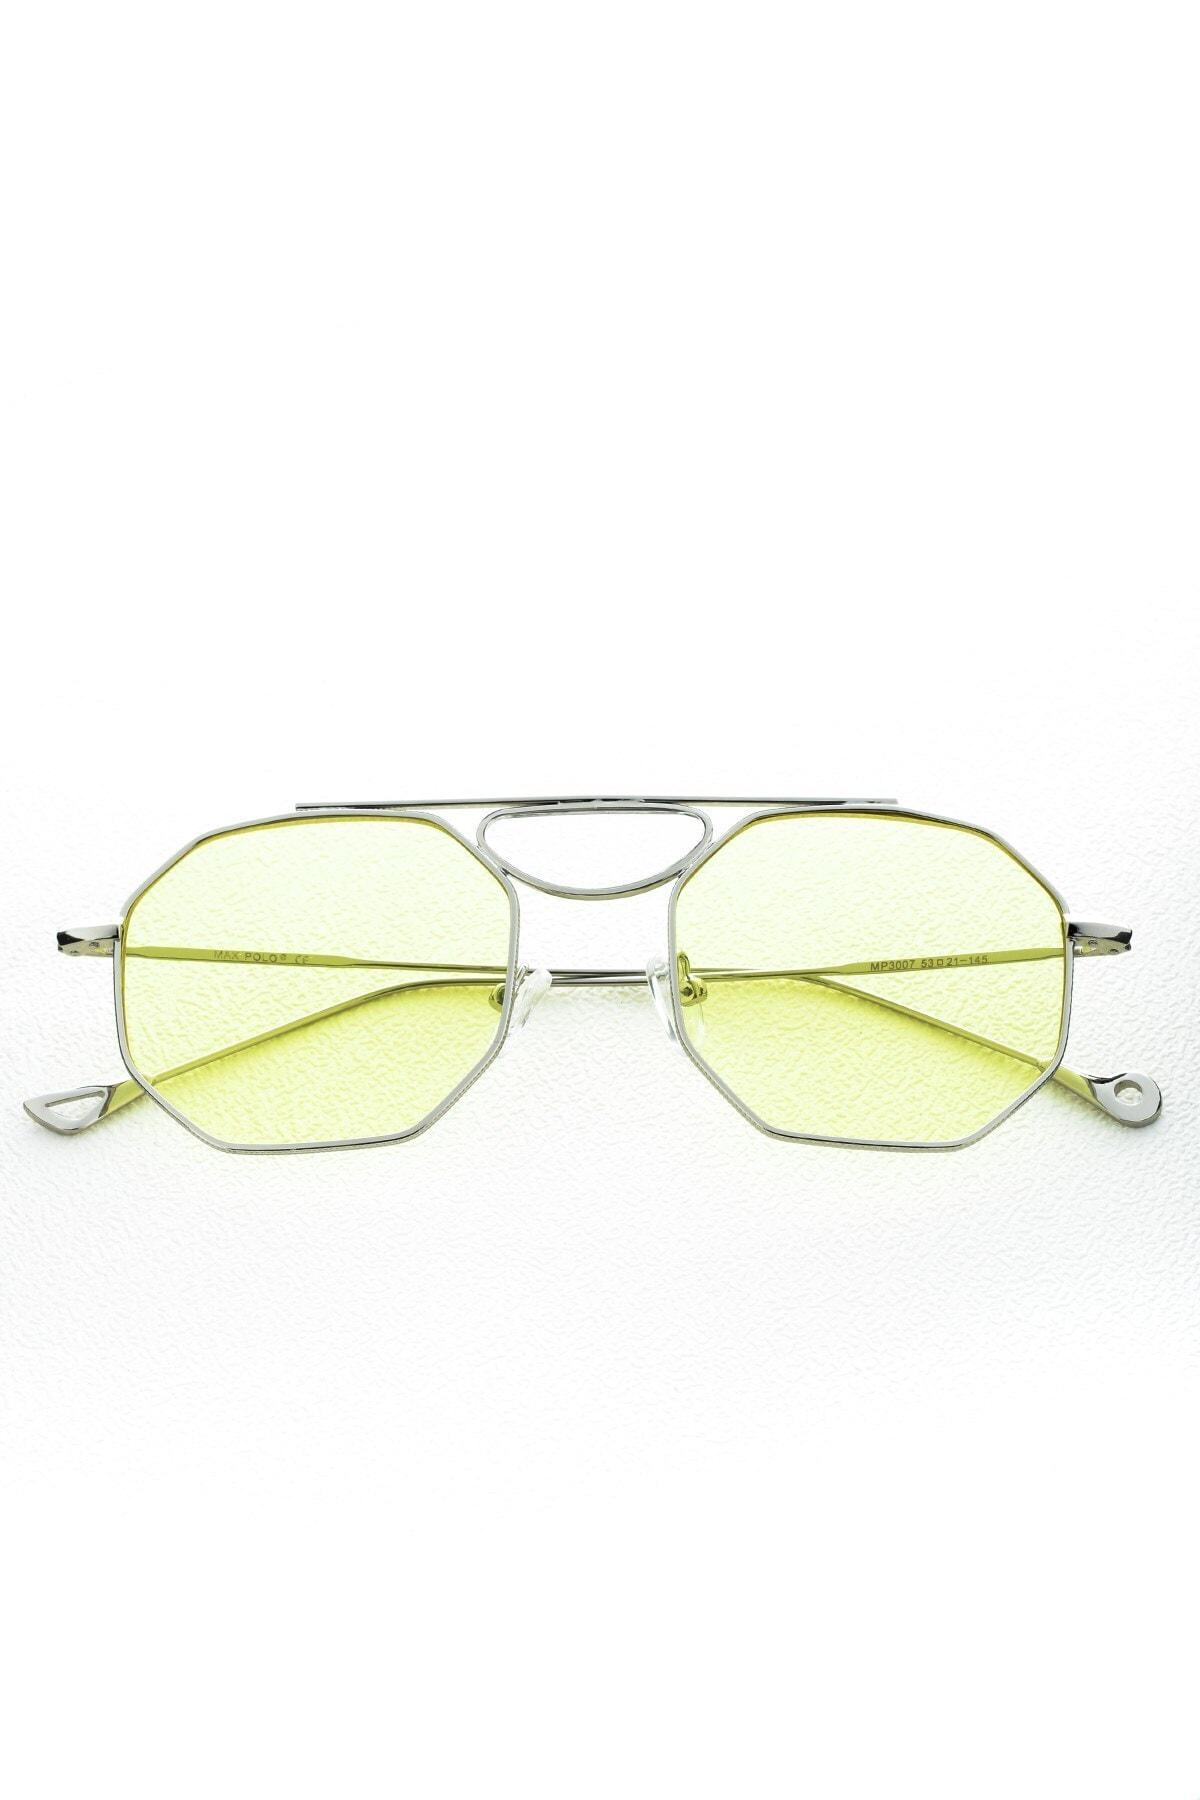 Max Polo Mp20mp3007xr004 Sarı Uv 400 Kadın Güneş Gözlüğü 2